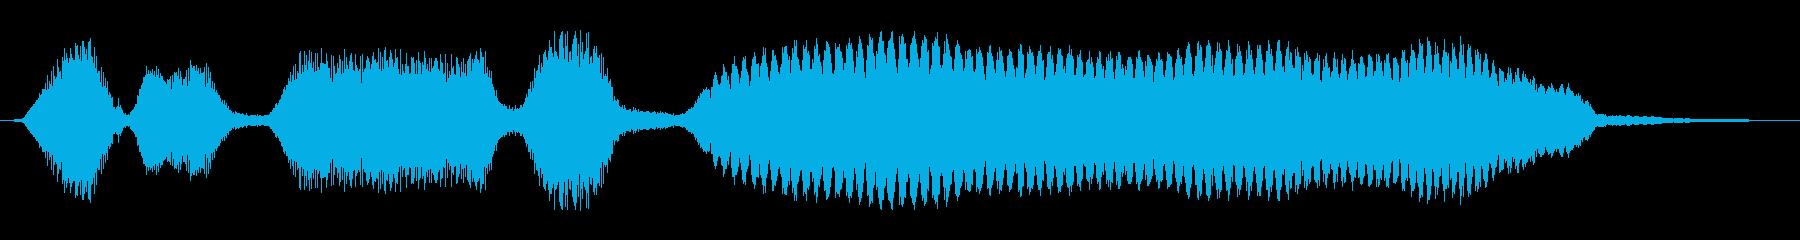 ★ハーモニカ生音のジングル/ほのぼのの再生済みの波形